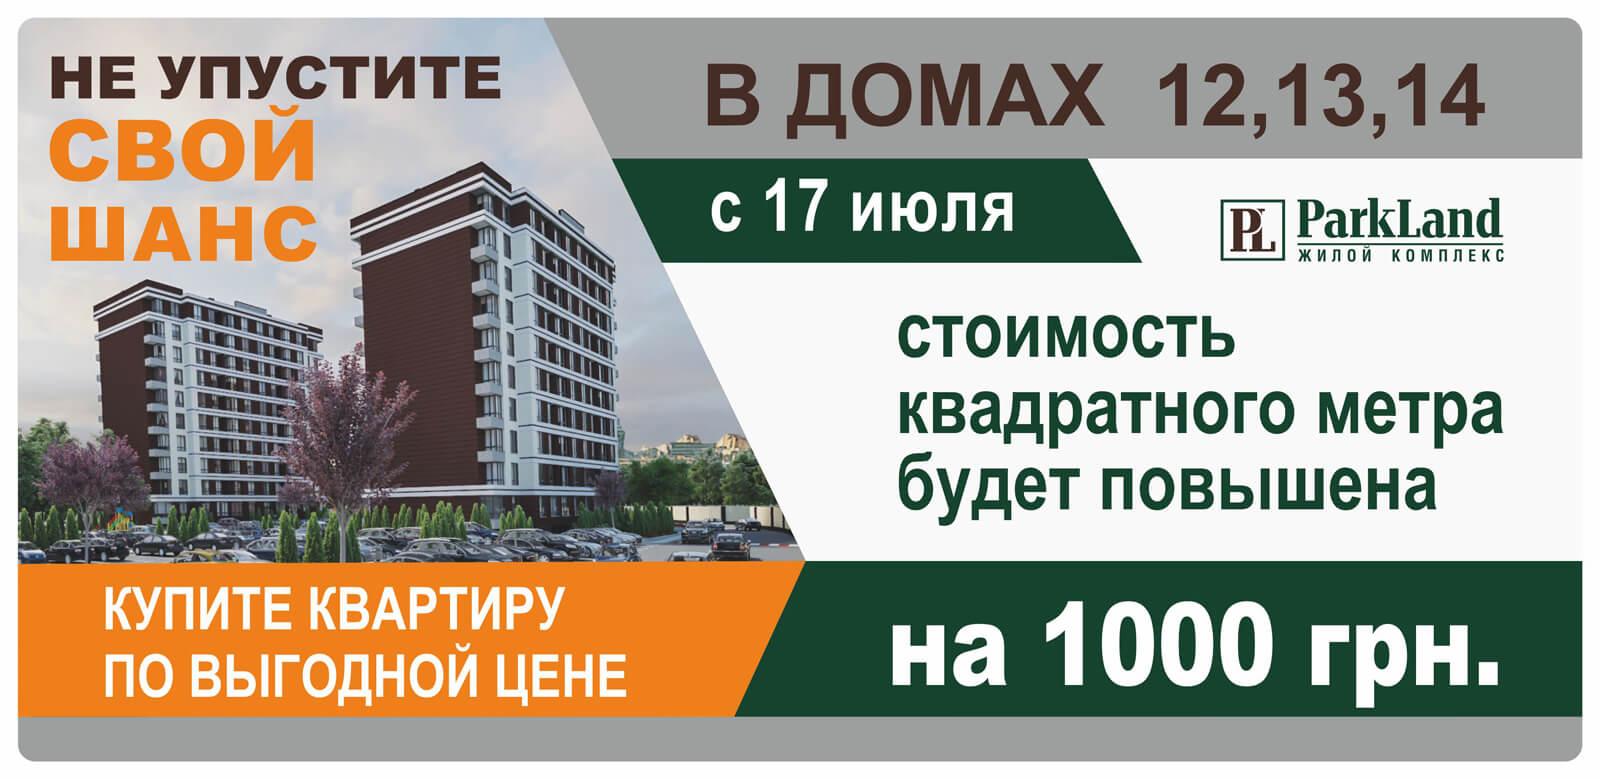 akzii-170717-ru